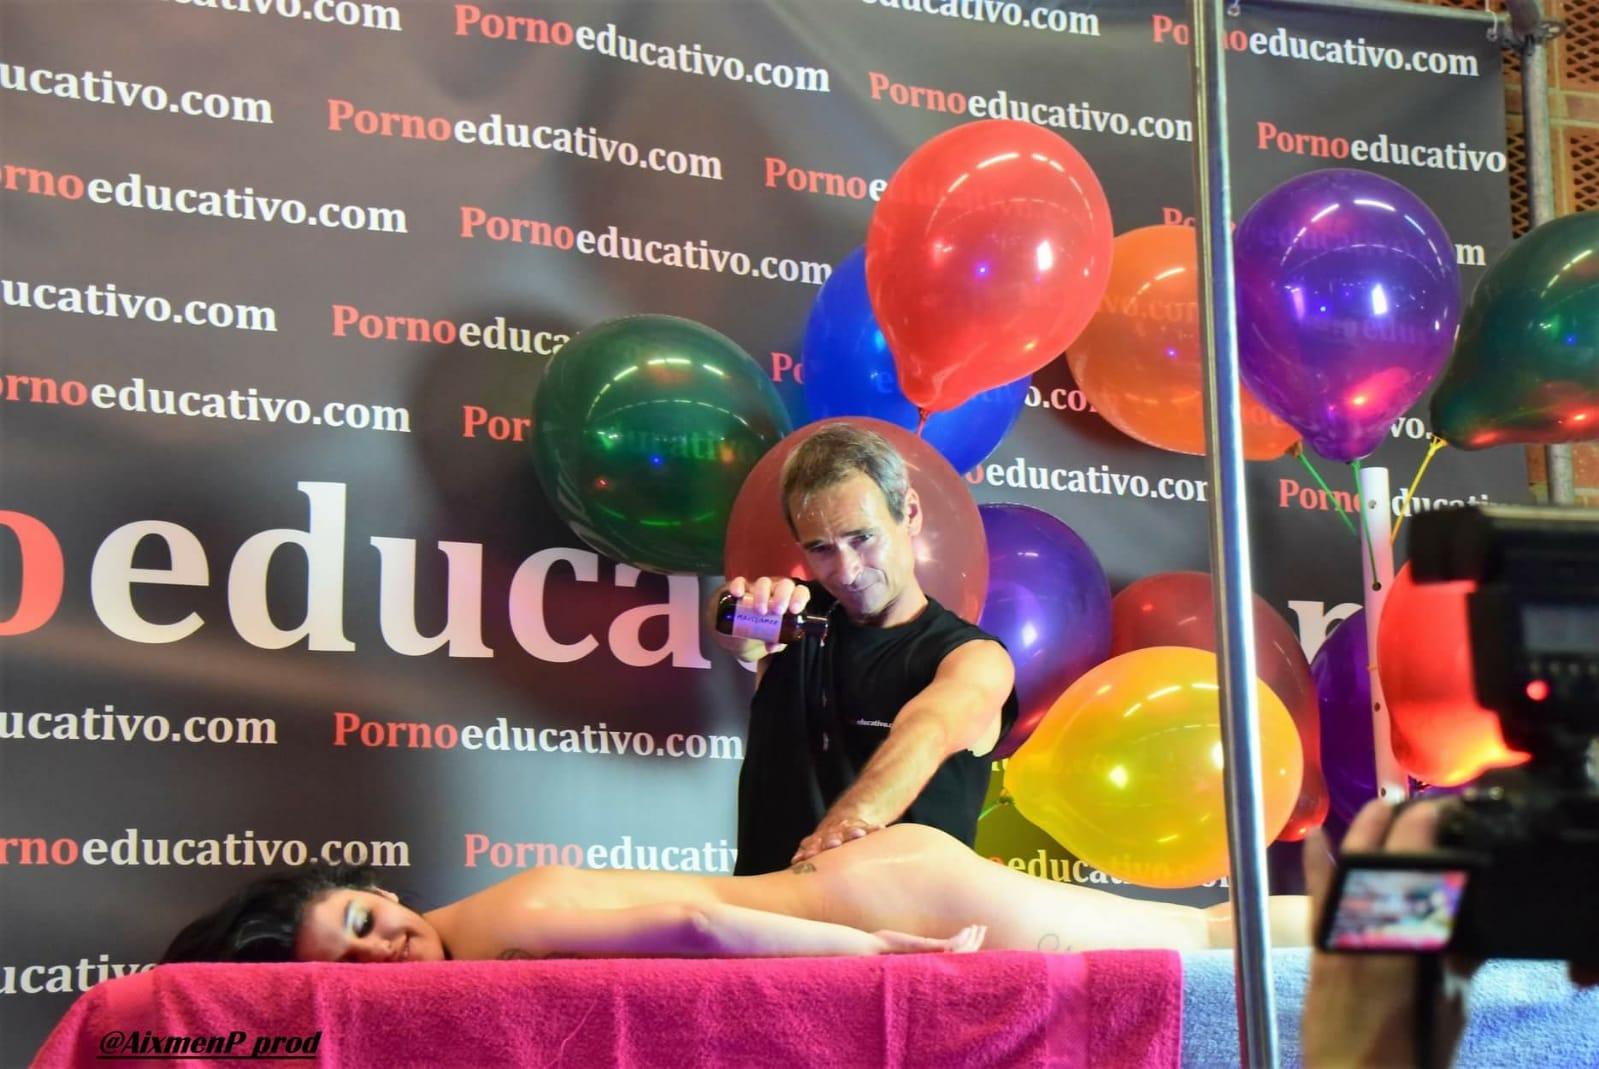 Demostración de masaje erótico en el escenario del stand de Pornoeducativo